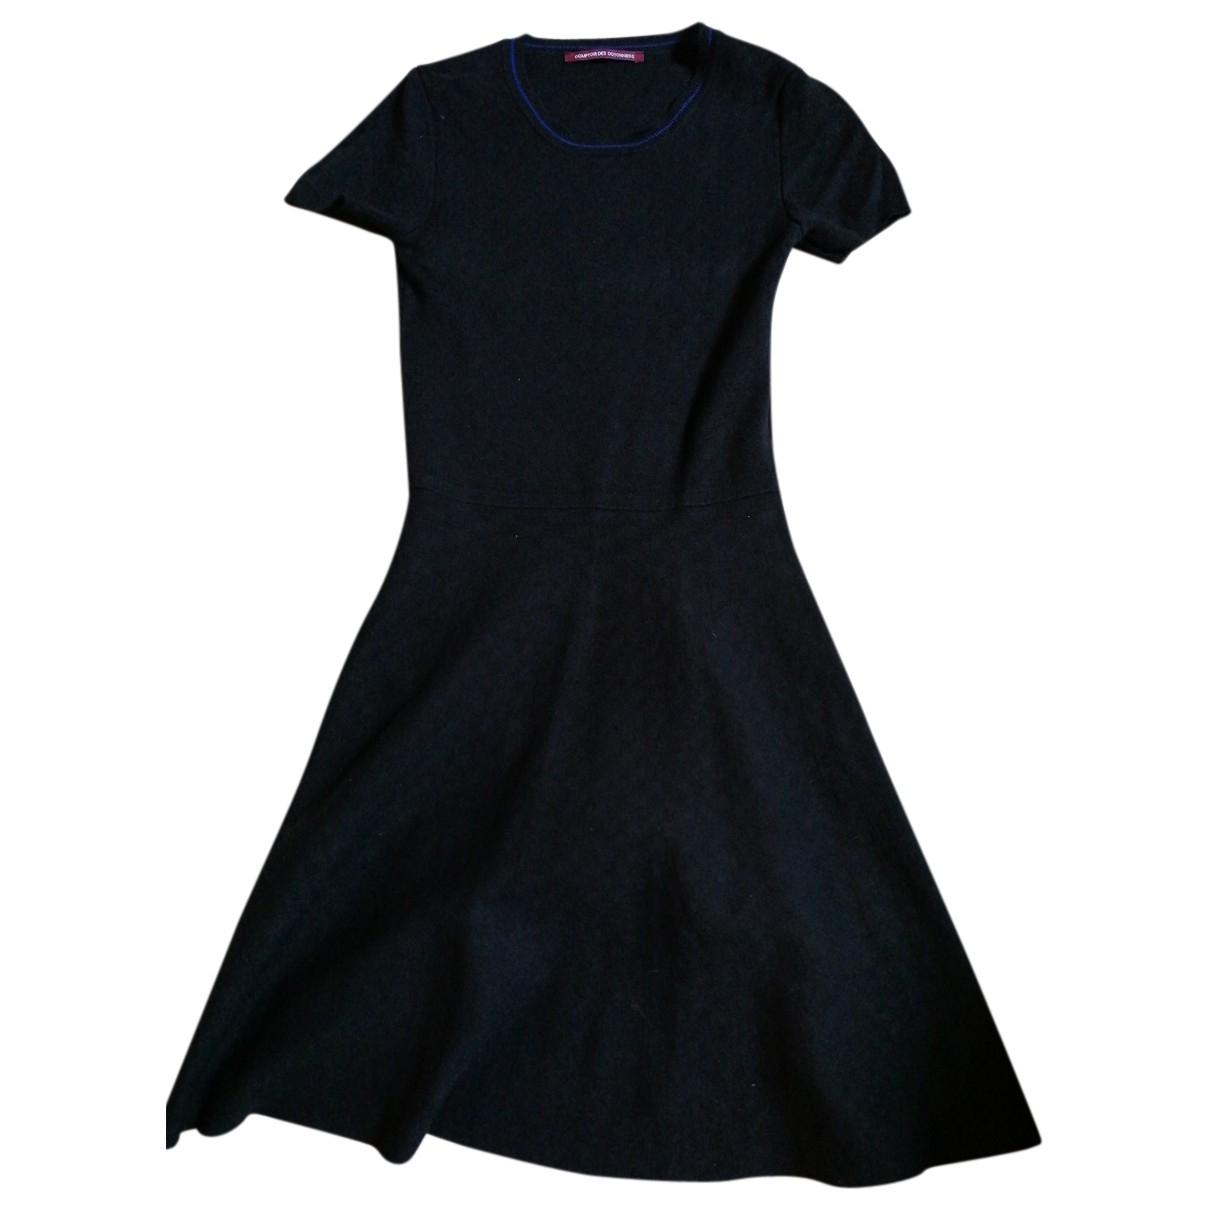 Comptoir Des Cotonniers \N Kleid in  Schwarz Viskose